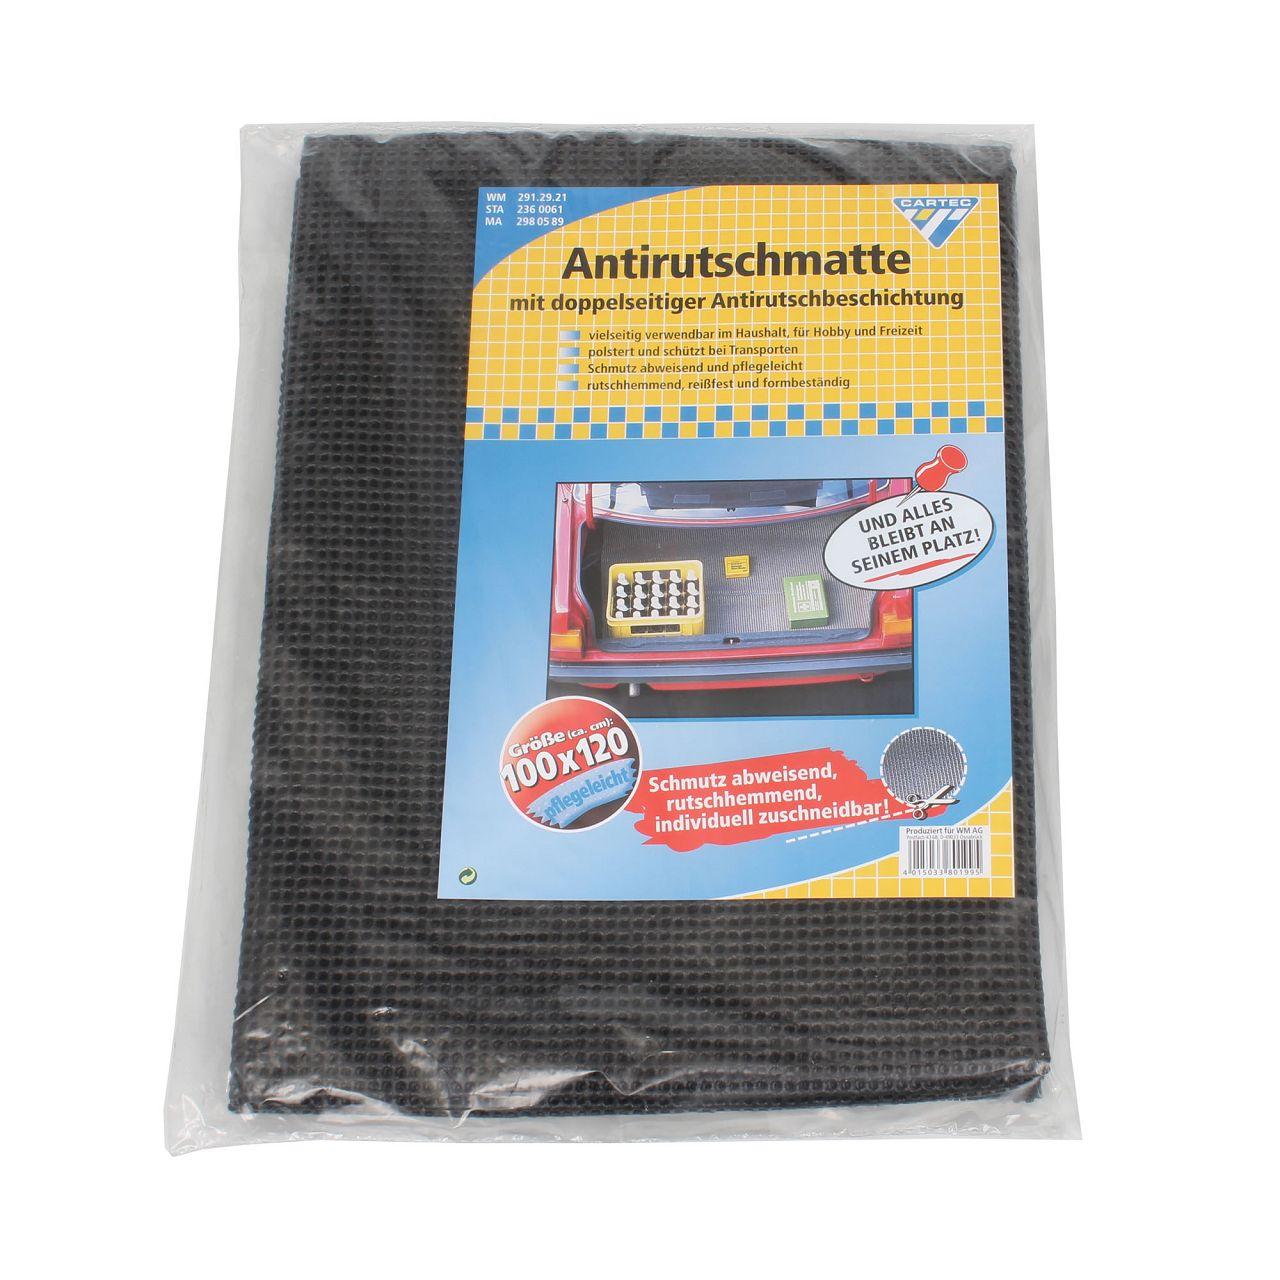 CARTEC Antirutschmatte Schutzmatte Kofferraum ANTHRAZIT 1000x1200mm Dicke: 2mm